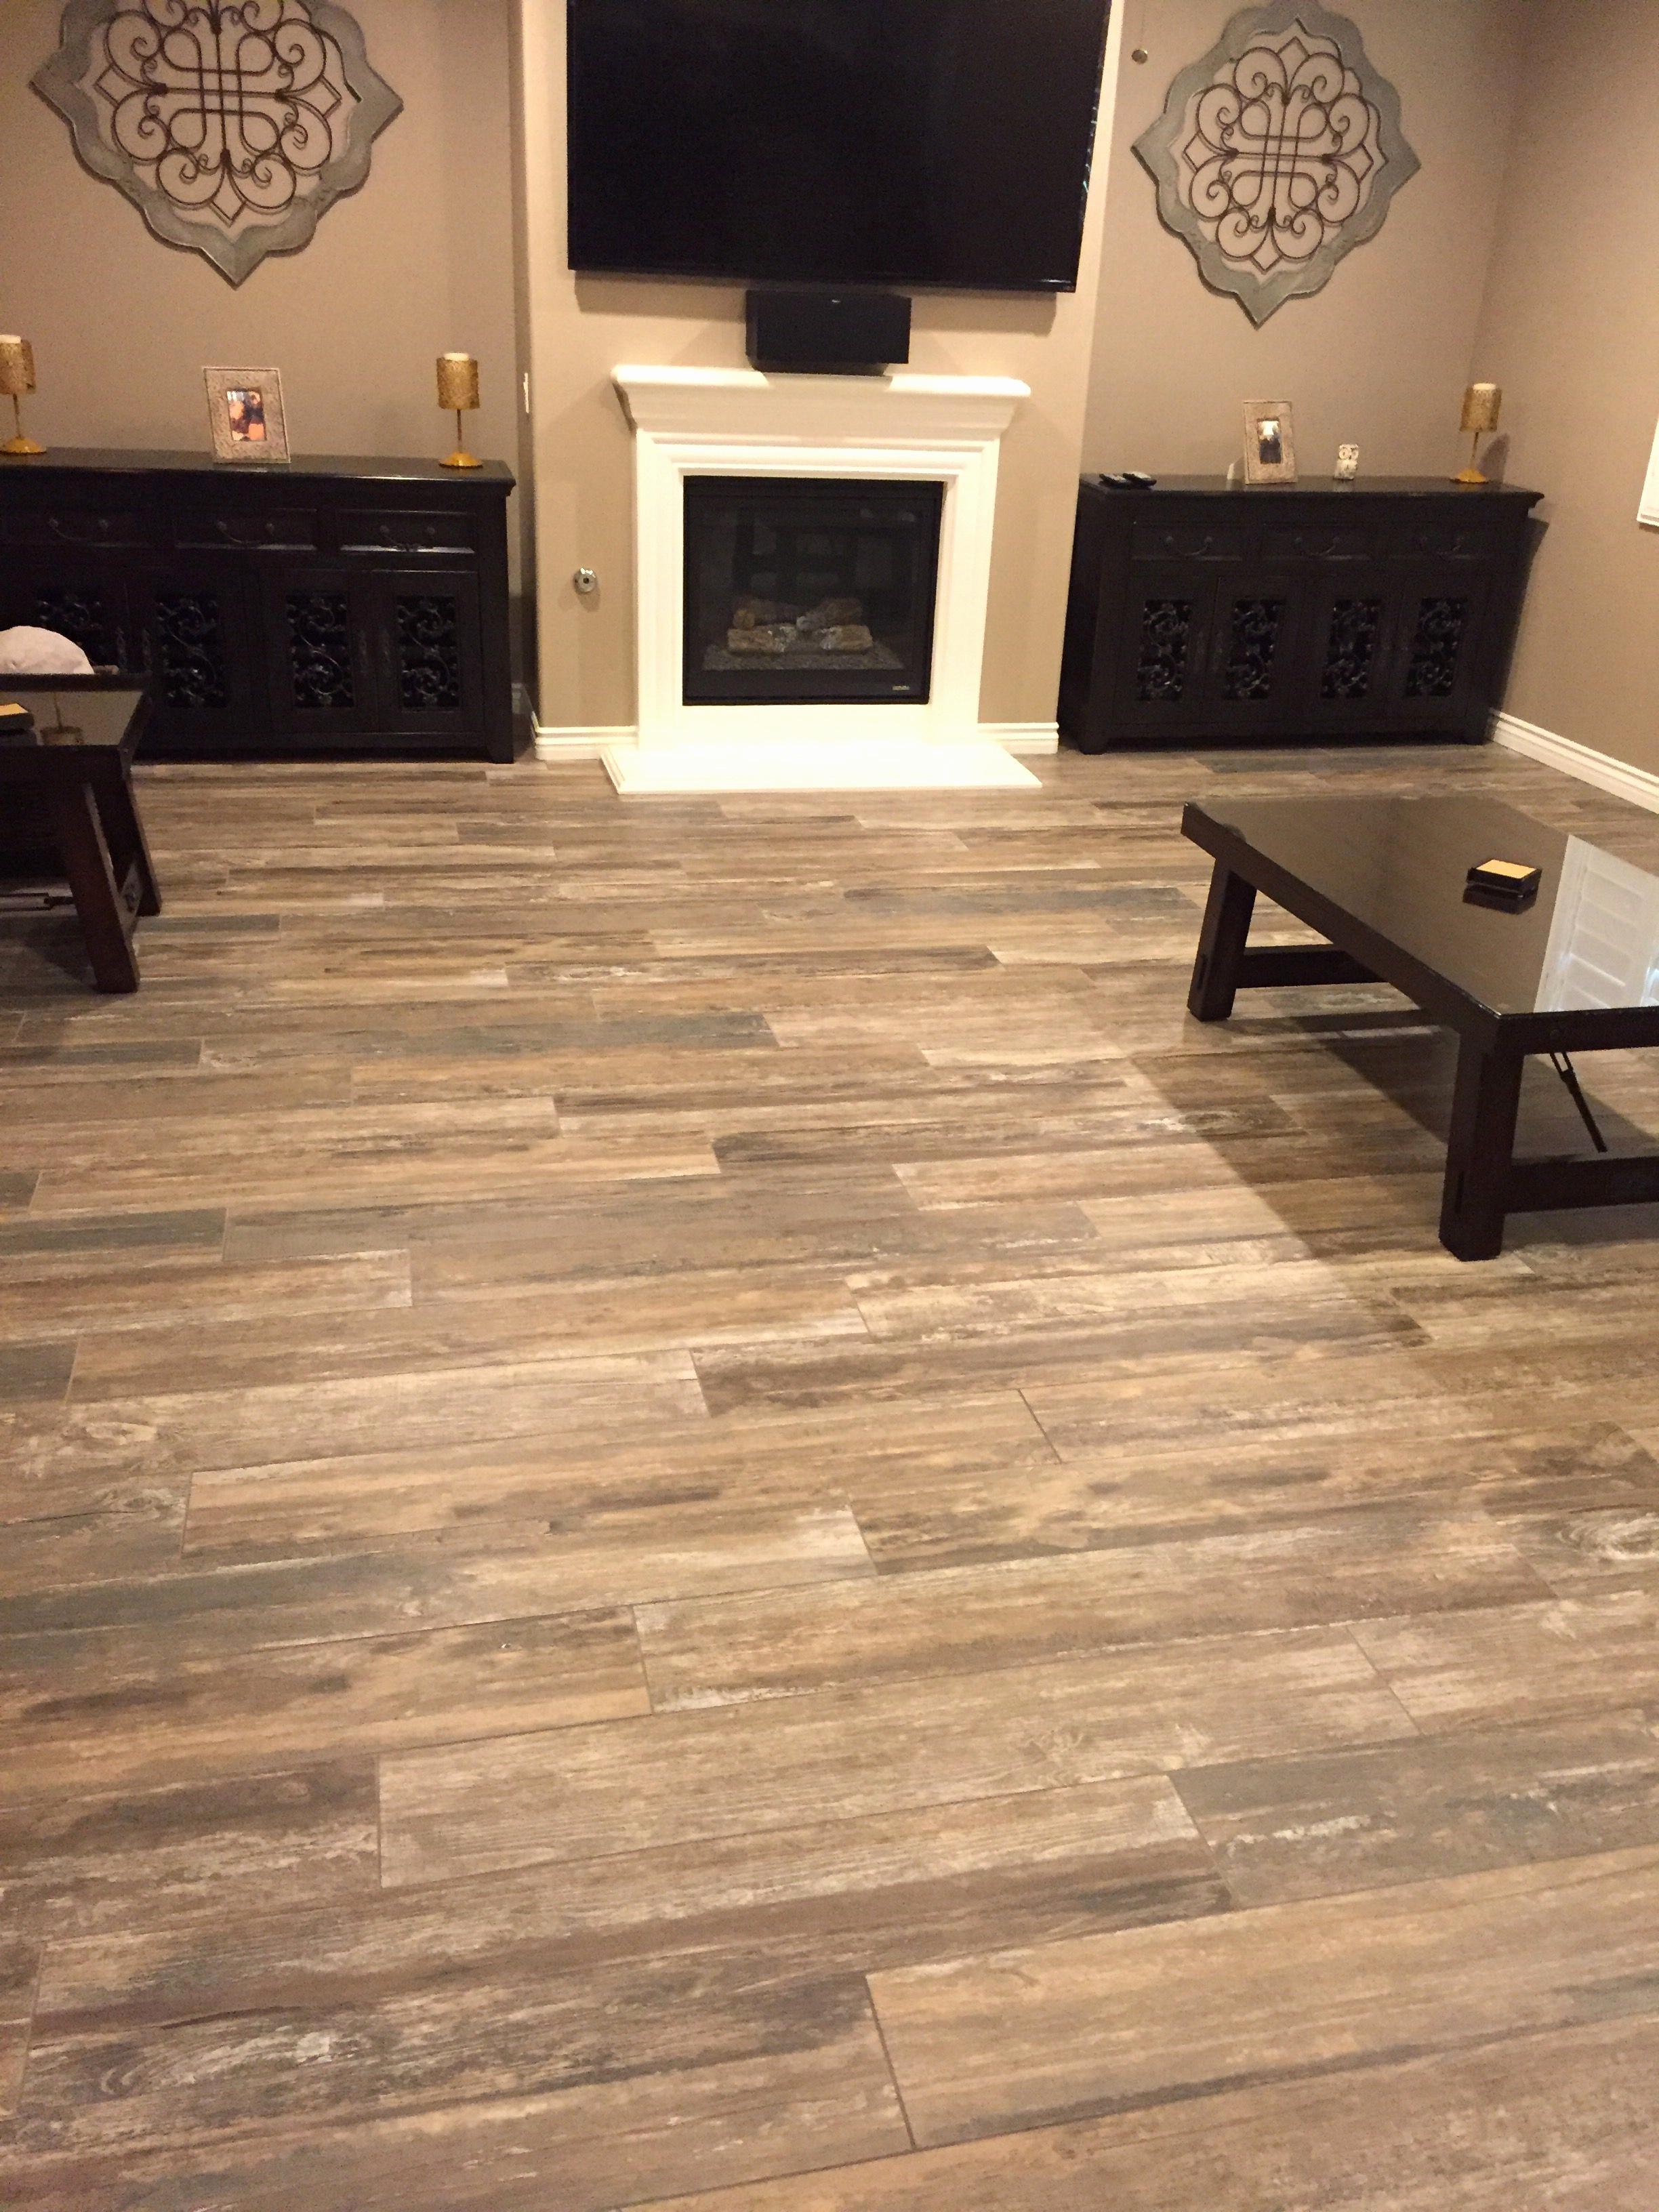 hardwood flooring usa of heating hardwood floors new 50 new tile or wood floors 50 s inside heating hardwood floors new 50 new tile or wood floors 50 s